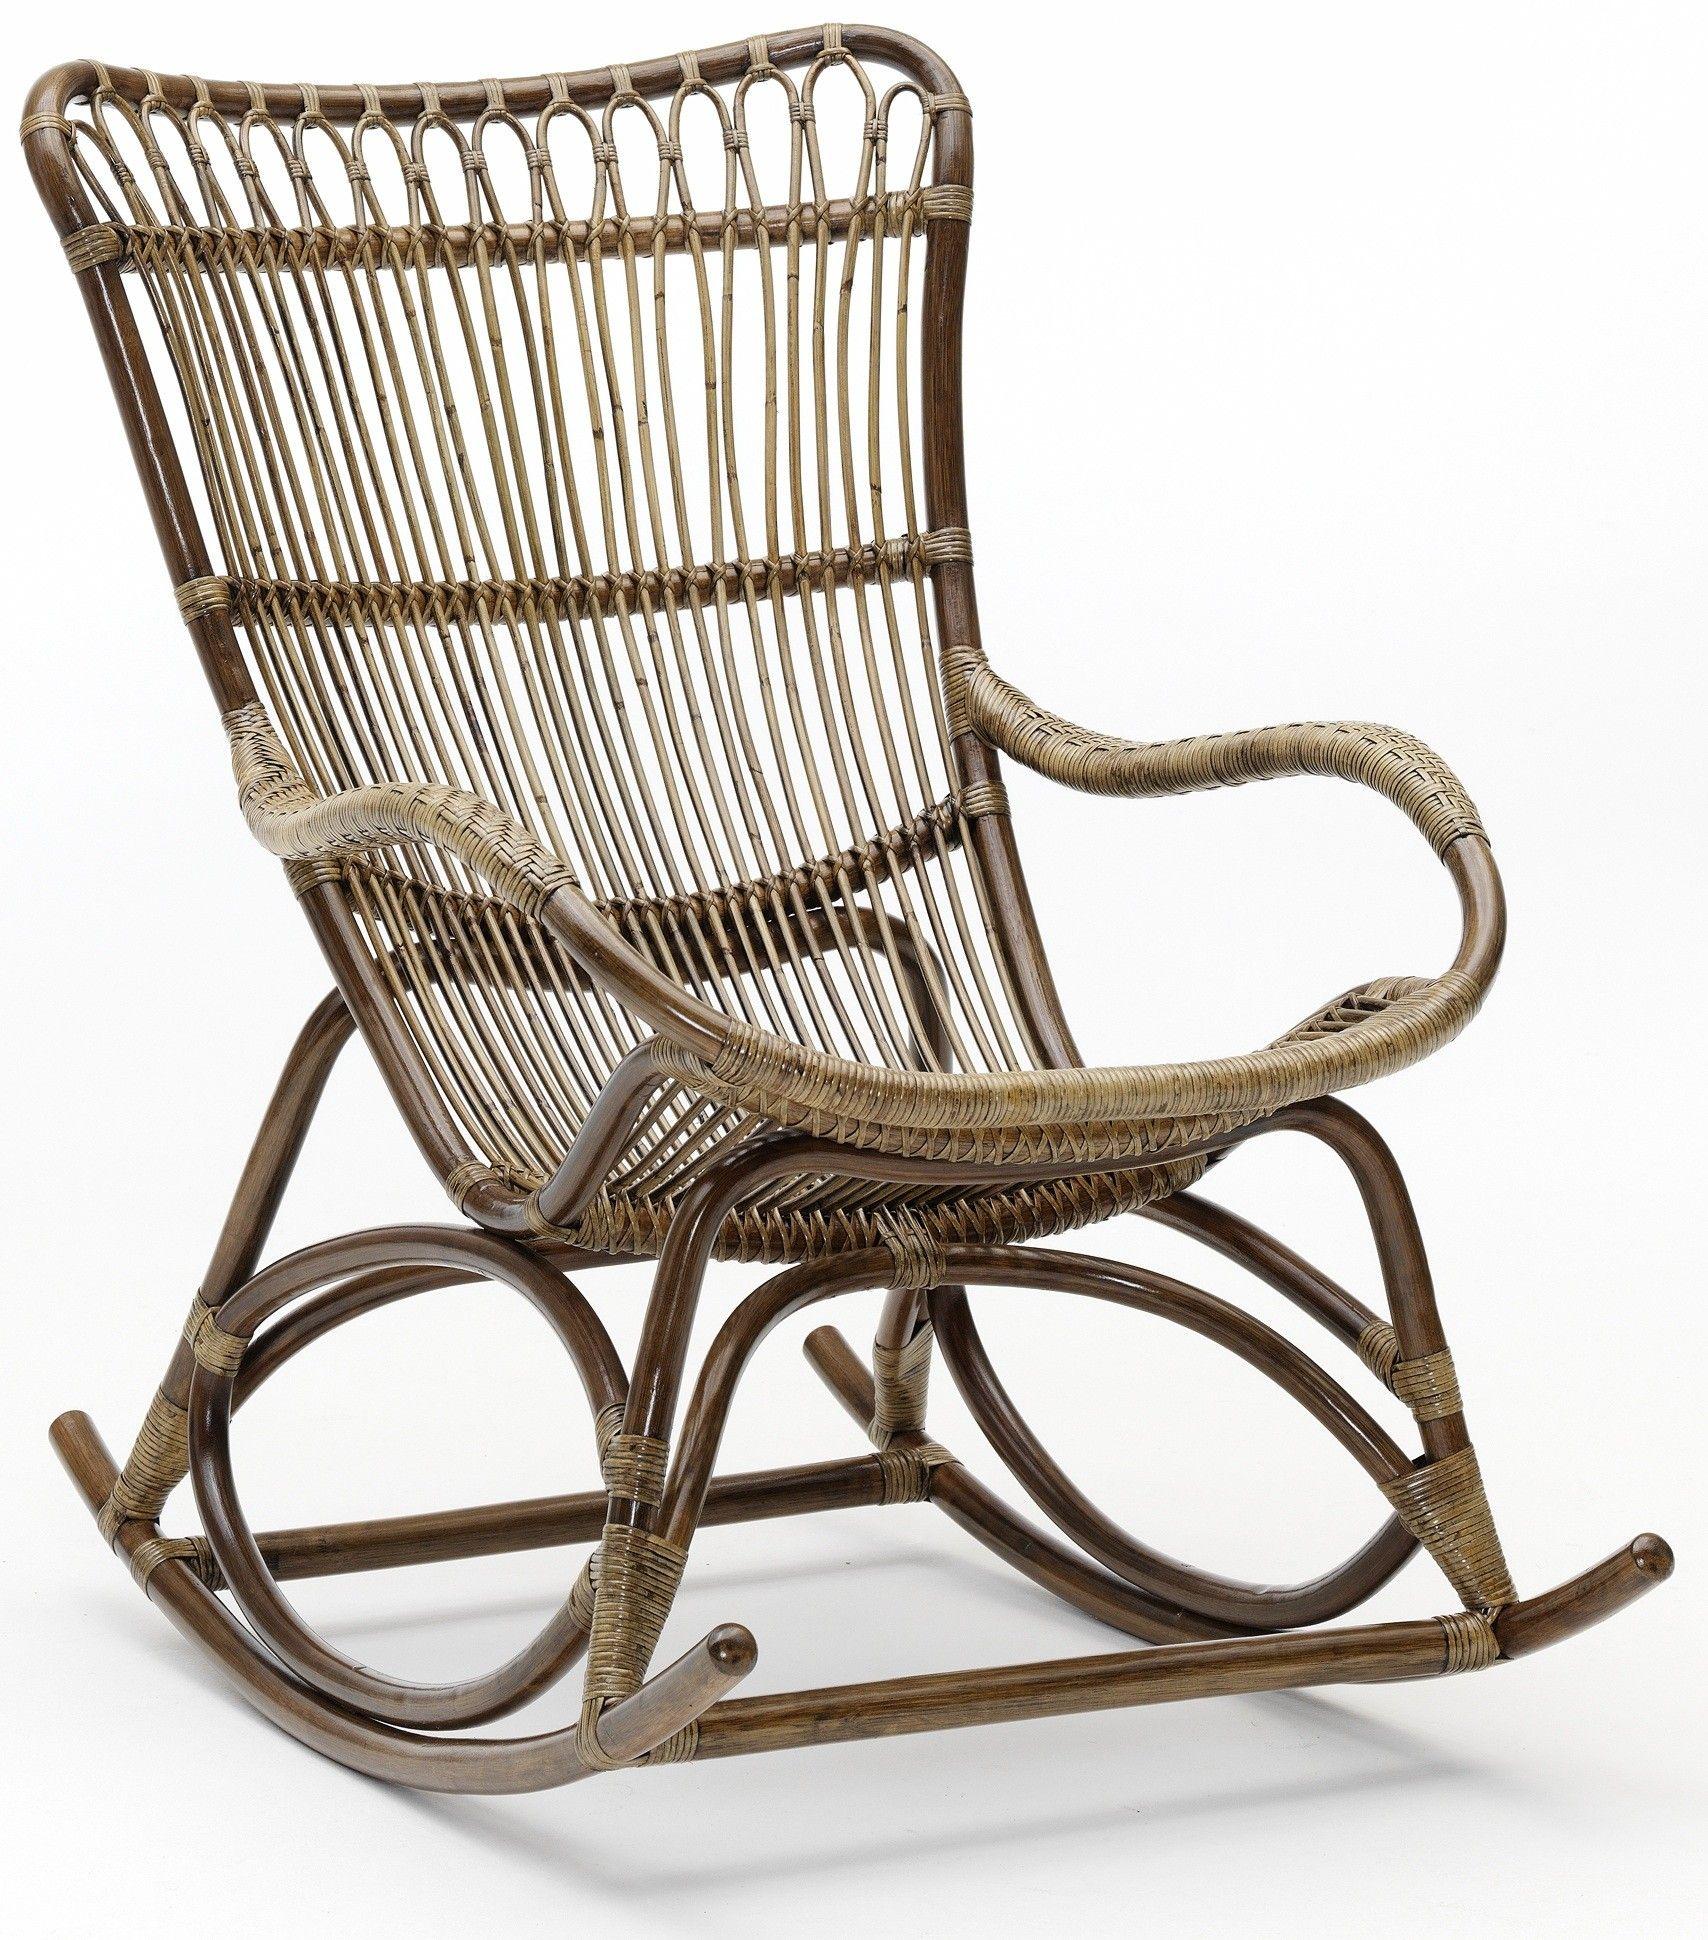 monet schaukelstuhl von originals by sika design ab 679 00 die originals serie ist eine. Black Bedroom Furniture Sets. Home Design Ideas